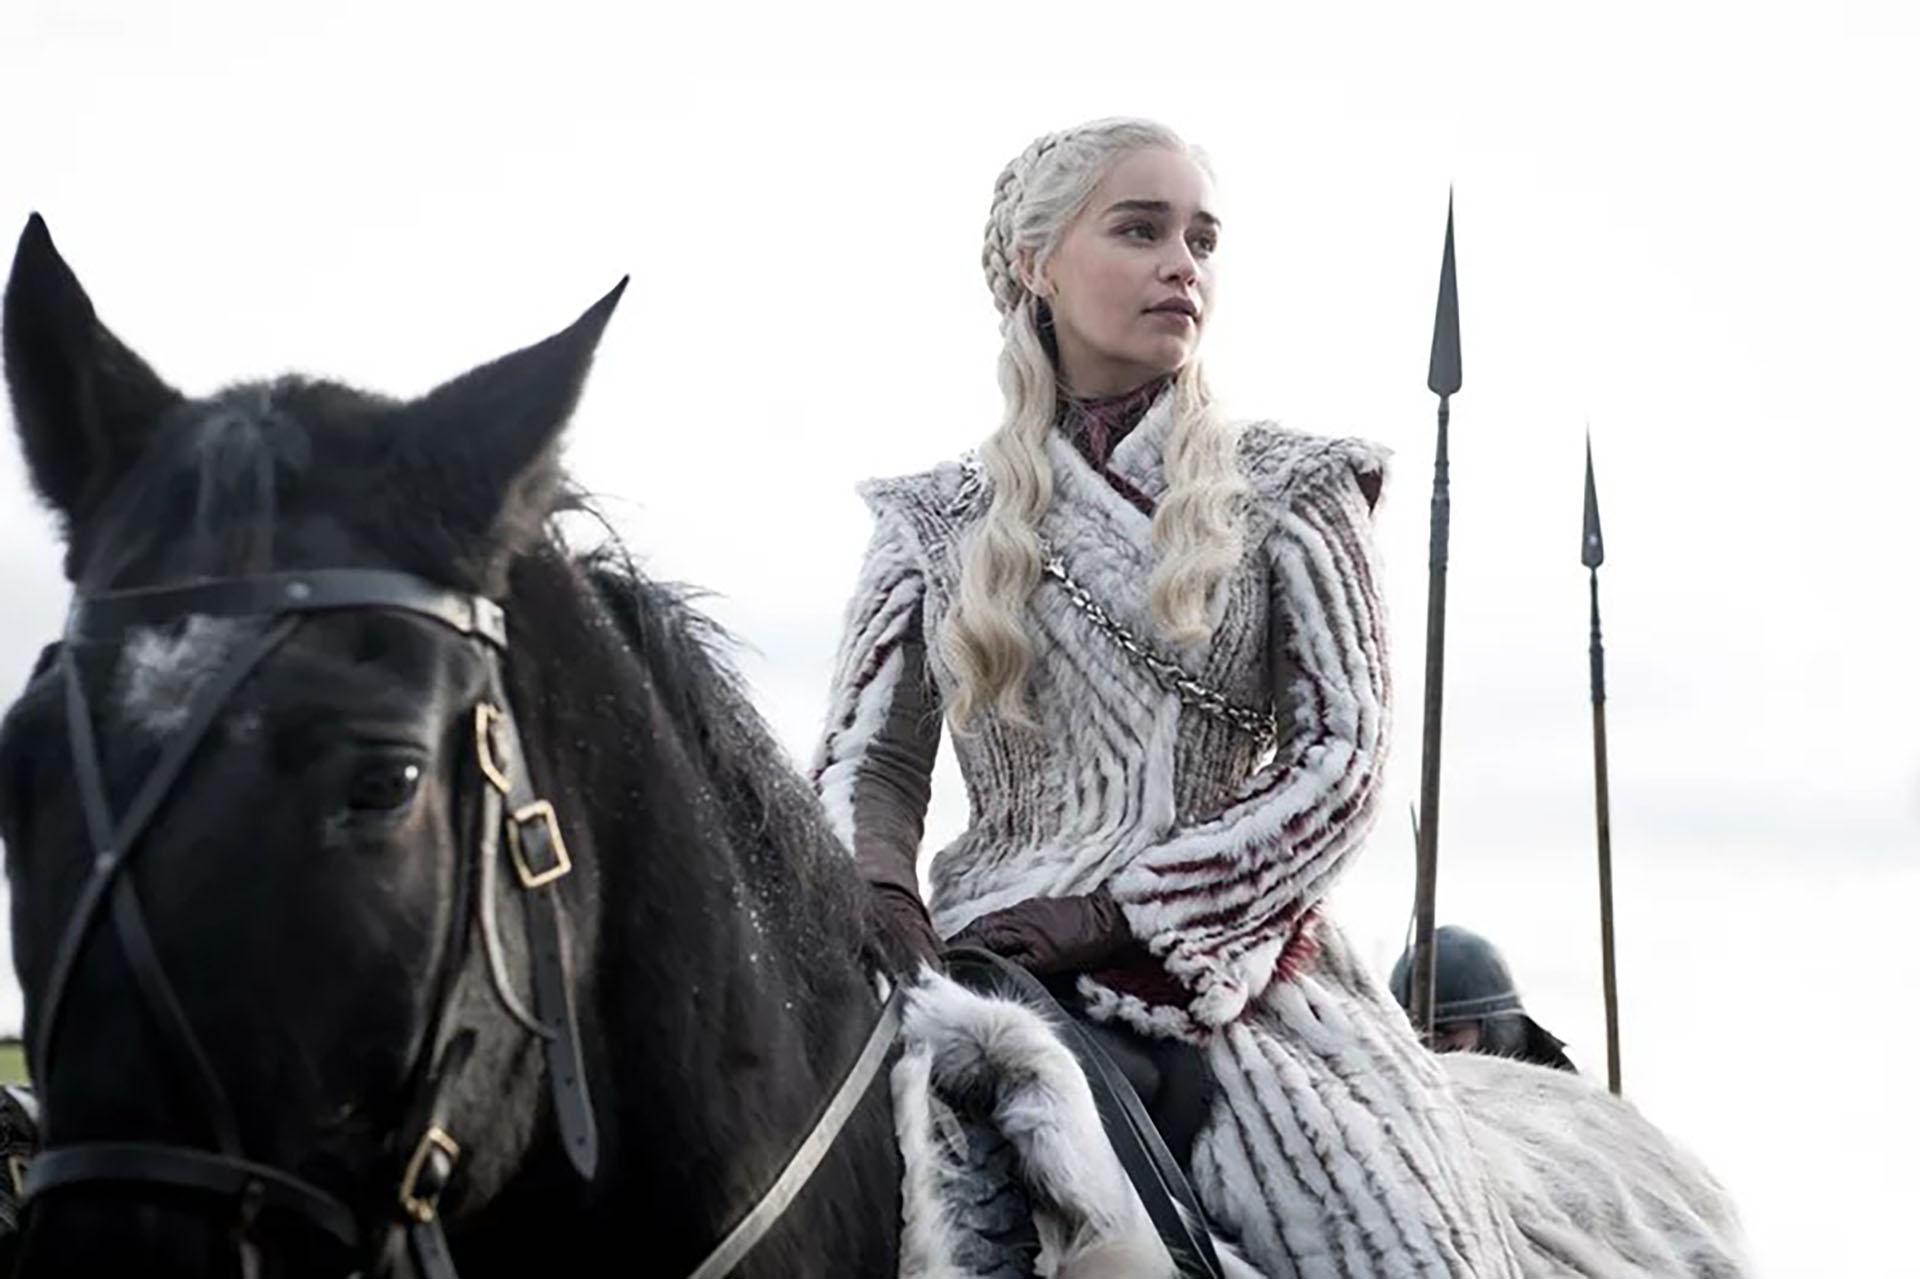 Este modelo se lució en el penúltimo episodio de la séptima temporada. Es un abrigo de piel sintética blanco con detalles en negro y marrón que lleva Daenerys cuando acude a ayudar a Jon Snow junto a sus dragones. Una pieza elegante y refinada